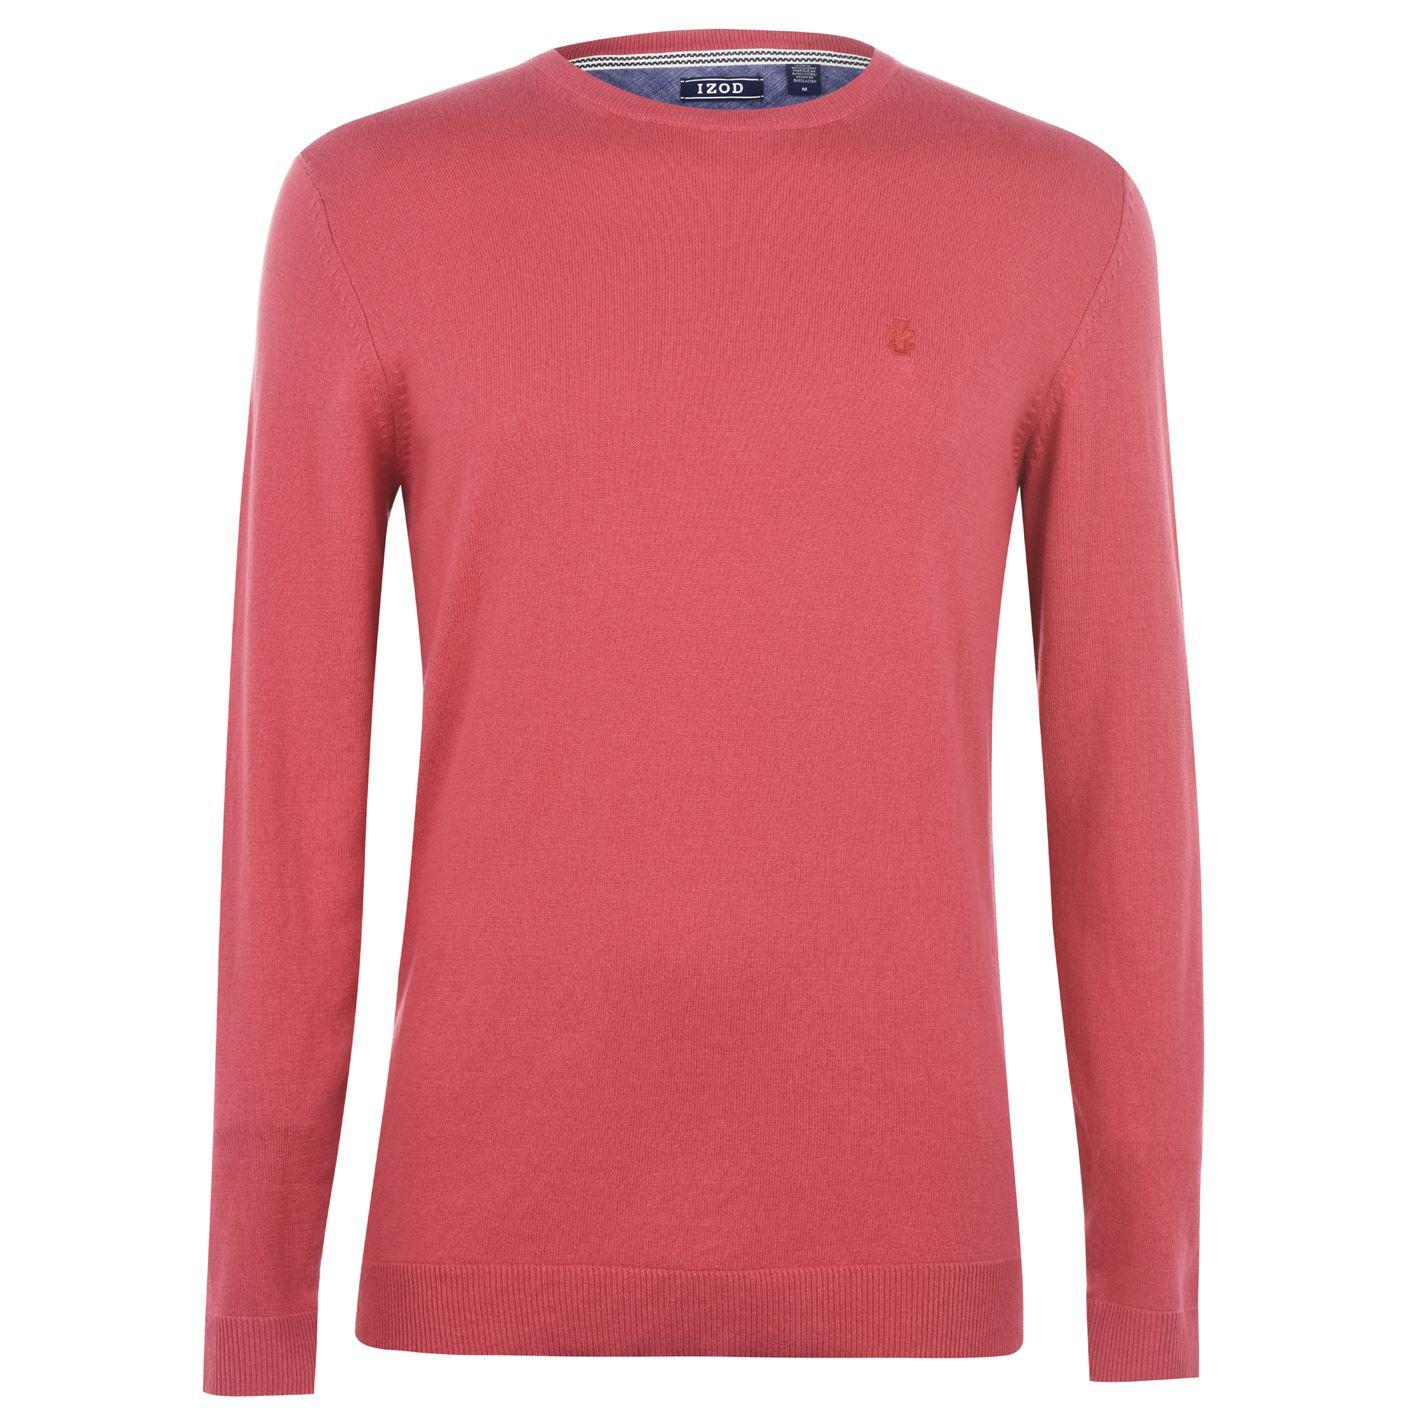 Pánsky sveter IZOD 12GG